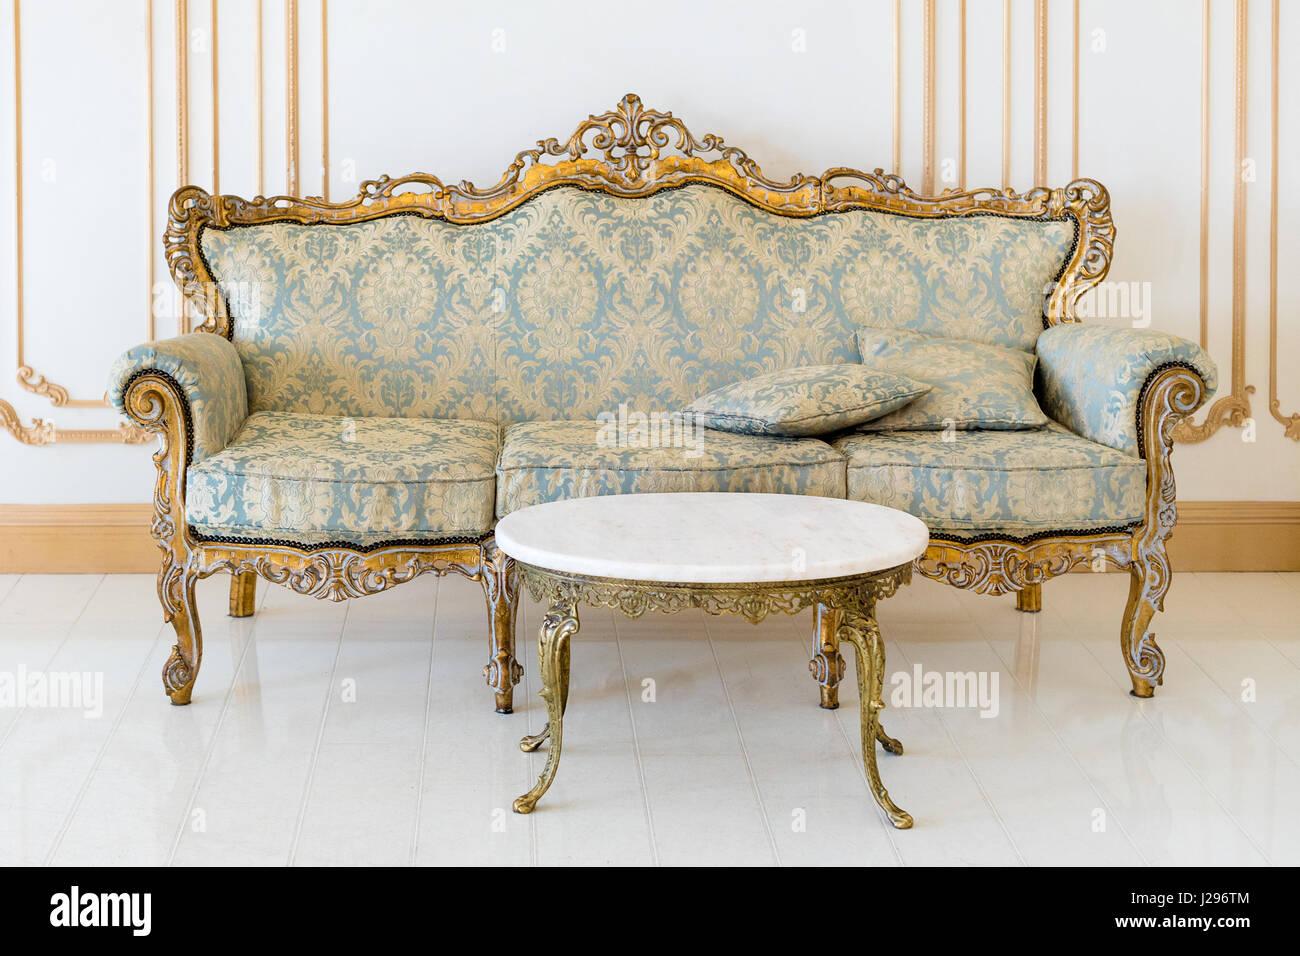 Luxus Wohnzimmer In Hellen Farben Mit Goldenen Möbel Details. Elegantes  Klassisches Interieur